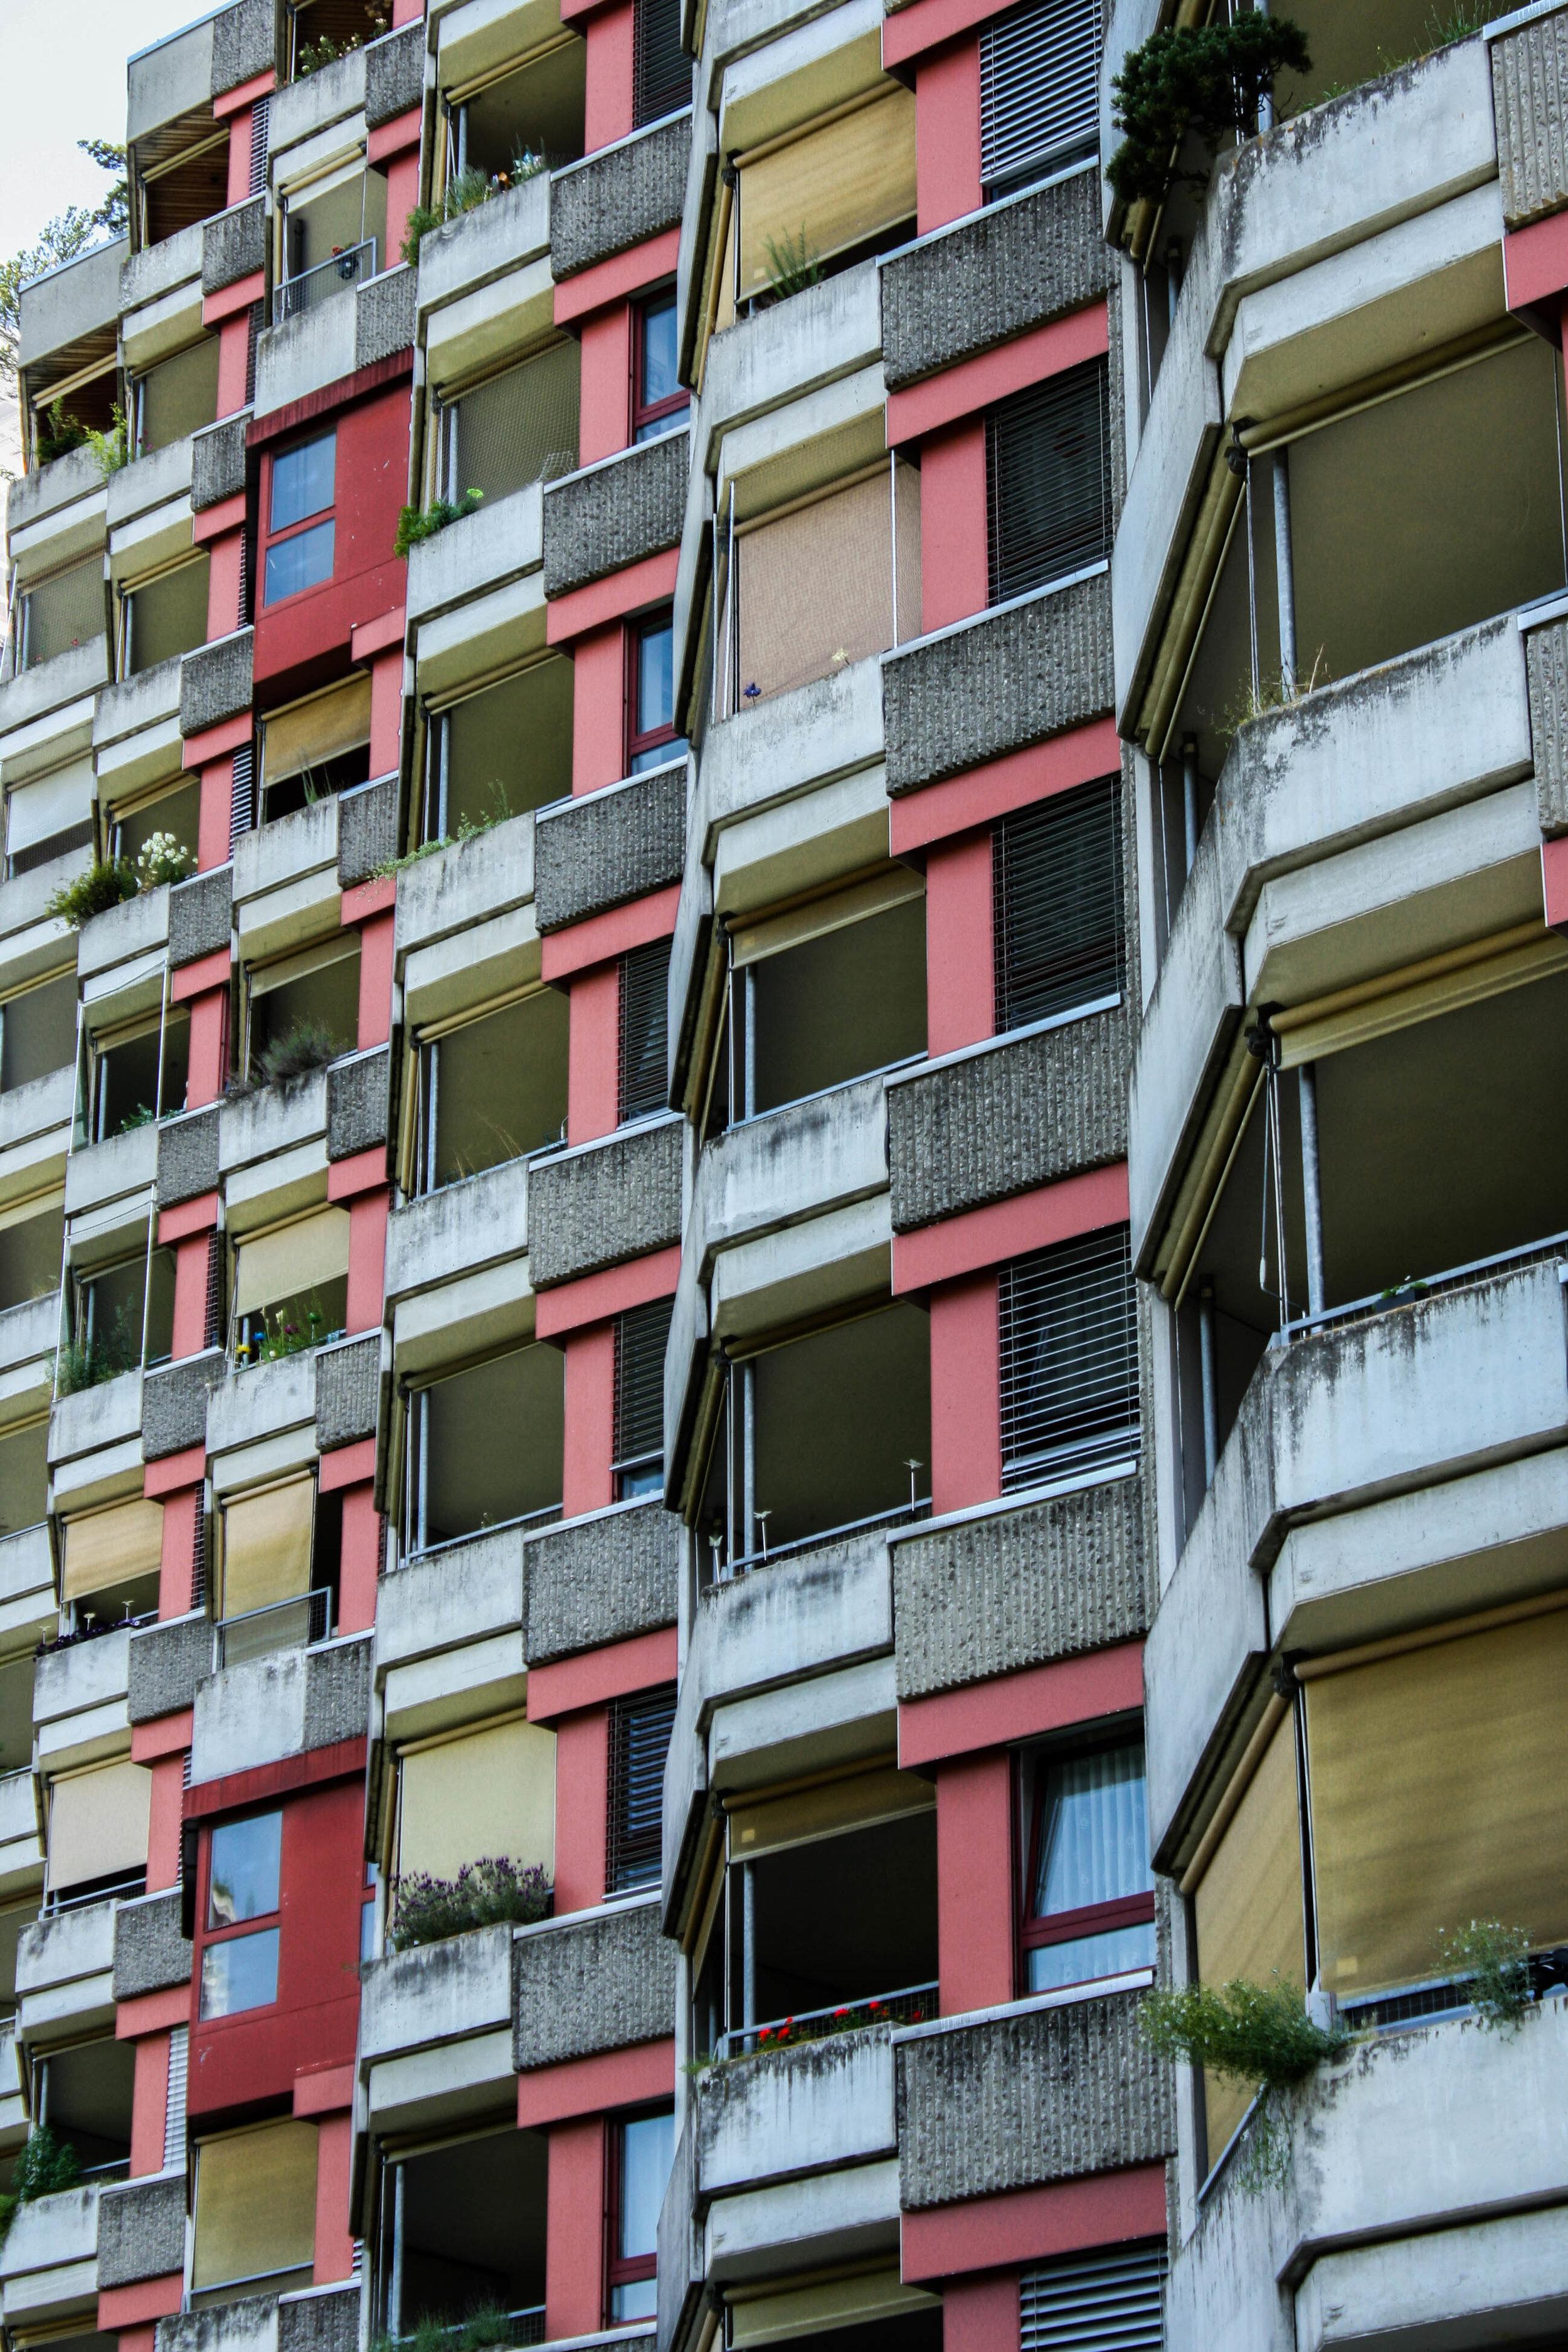 balkongrüm (34 von 1).jpg